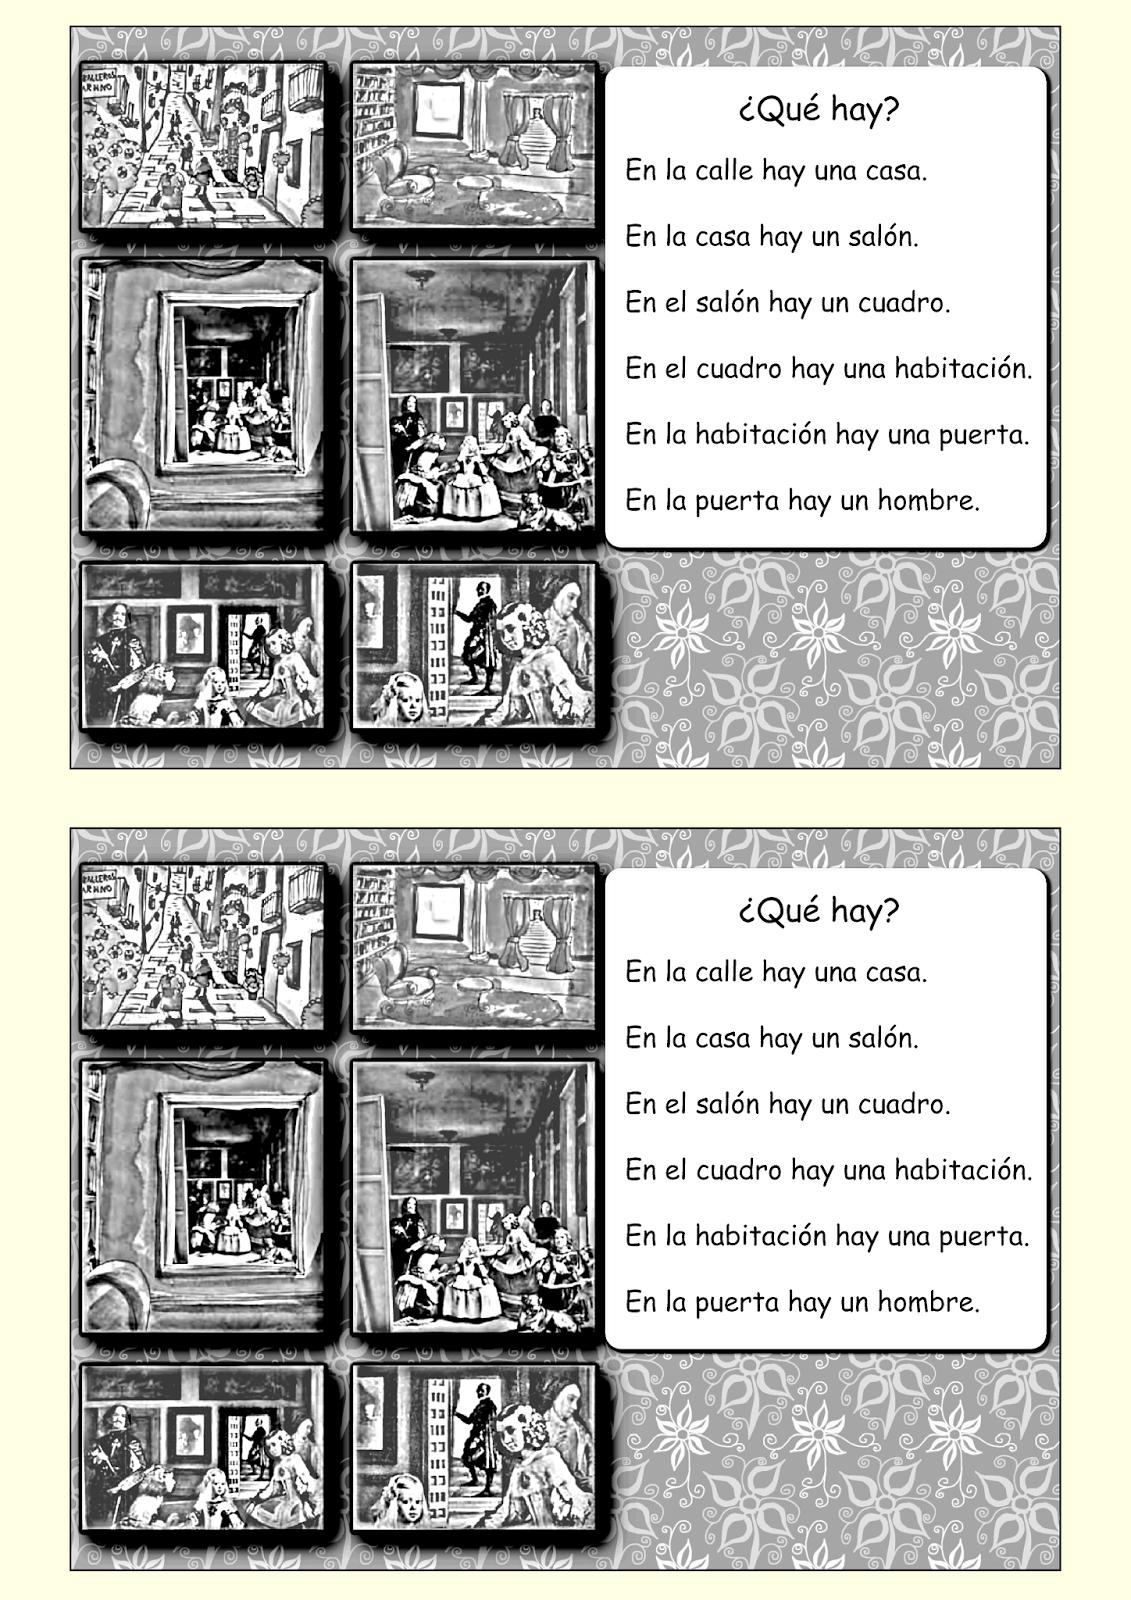 Me Encanta Escribir En Espanol Interactivo